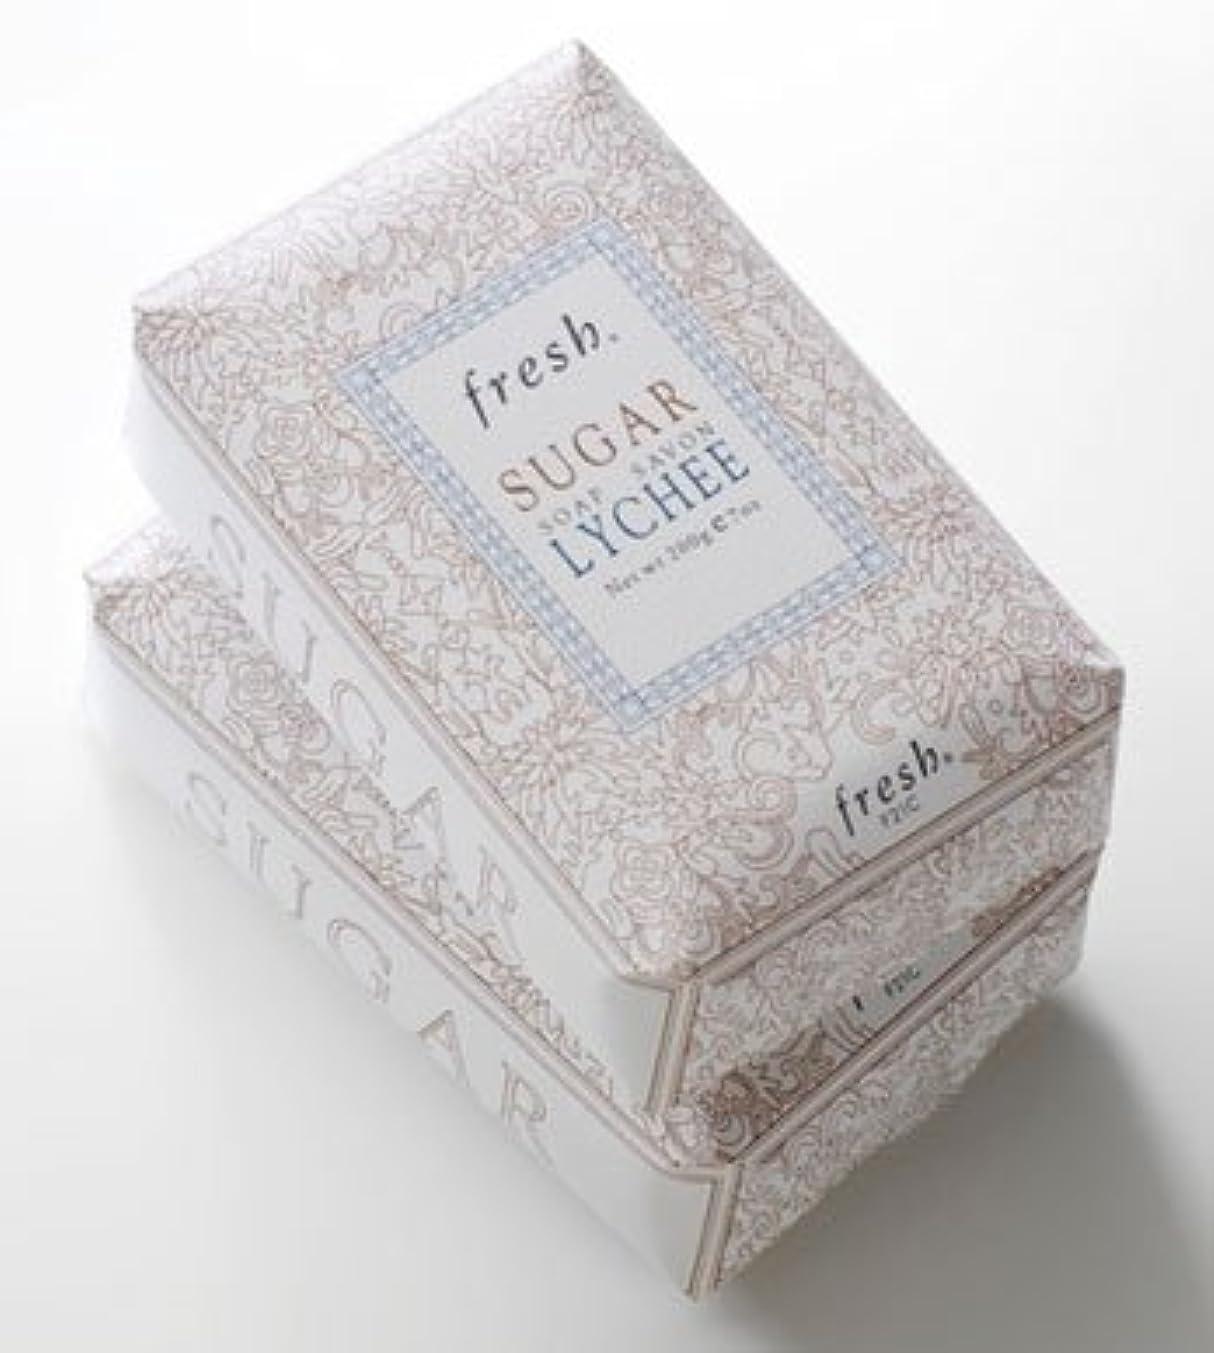 免疫施しコンピューターFresh SUGAR LYCHEE SOAP(フレッシュ シュガーライチ ソープ) 7.0 oz (210g) by Fresh for Women